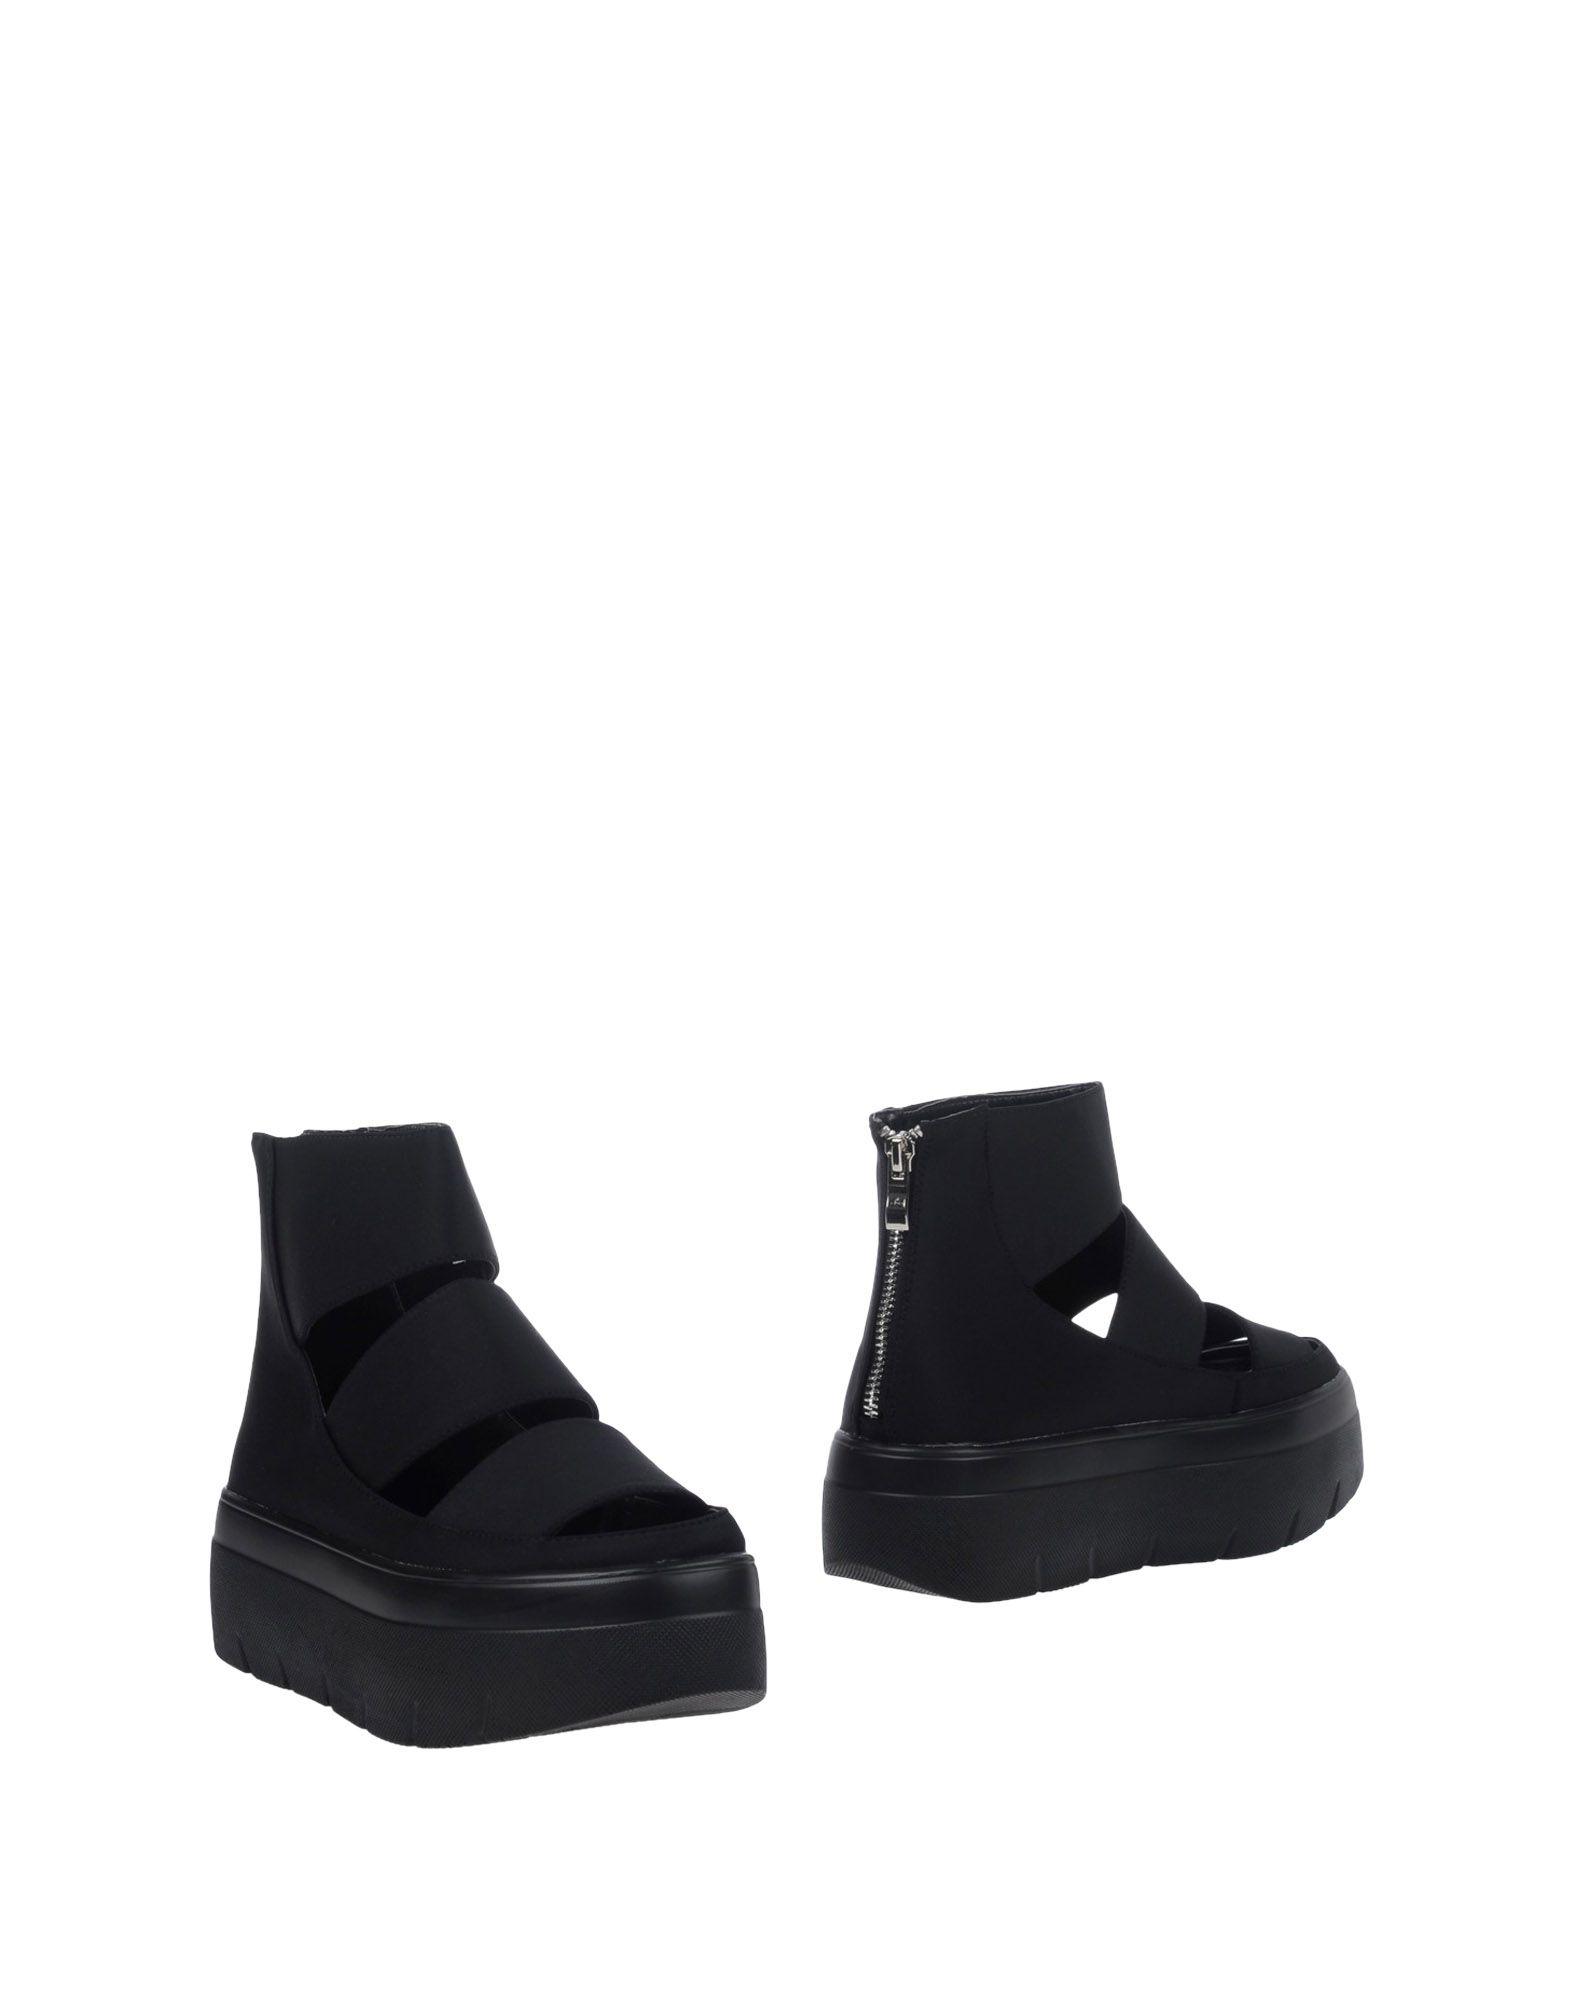 Фото - POLICE 883 Полусапоги и высокие ботинки police 883 сандалии